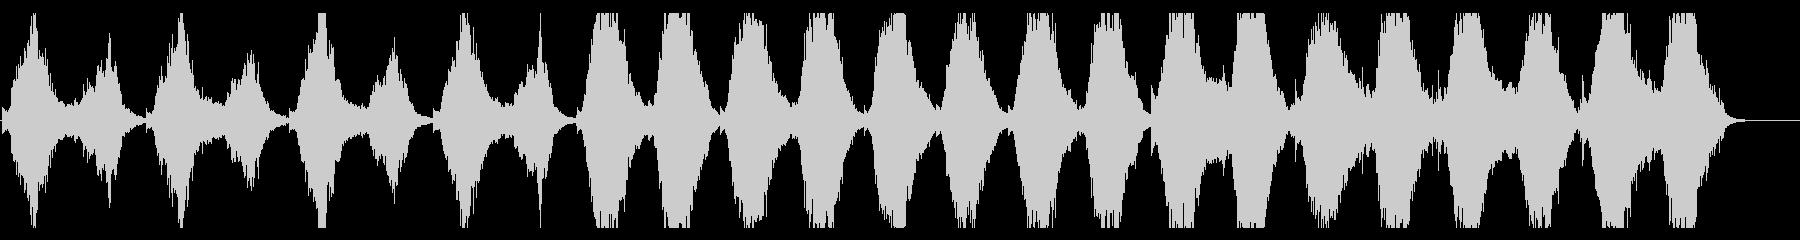 映画レヴェナントのテーマを思わせる楽曲の未再生の波形